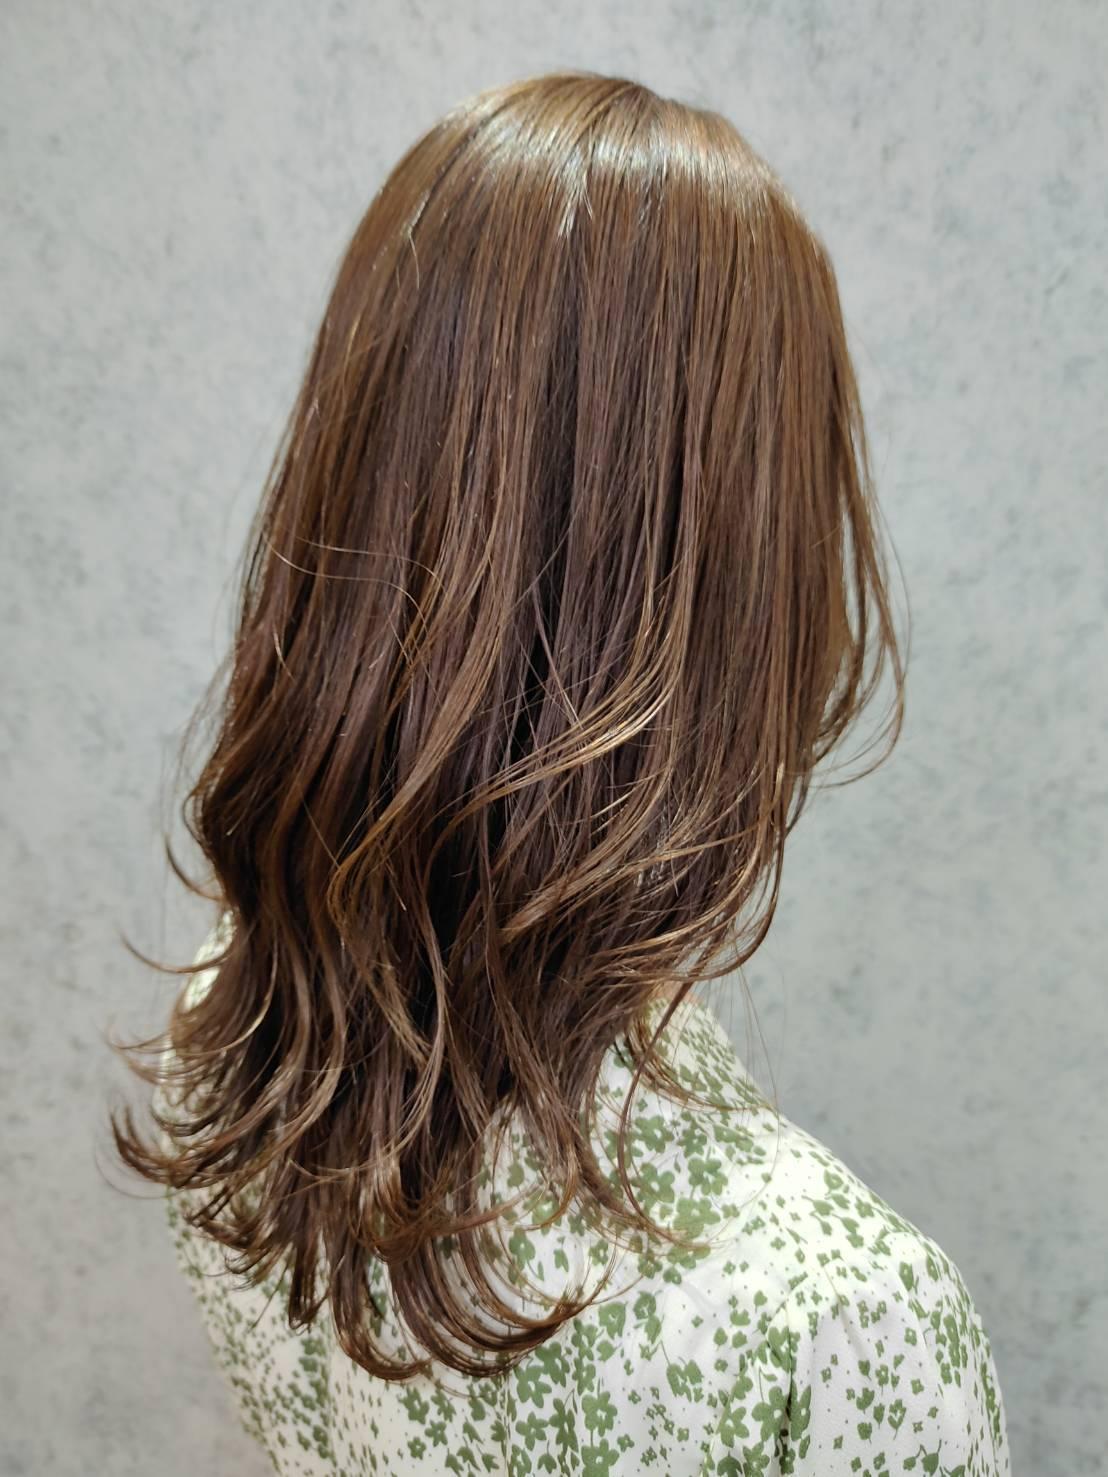 お客様のお悩み解決と健康的な髪を育むためにダメージレス講習を受講したスタイリストが施術いたします。